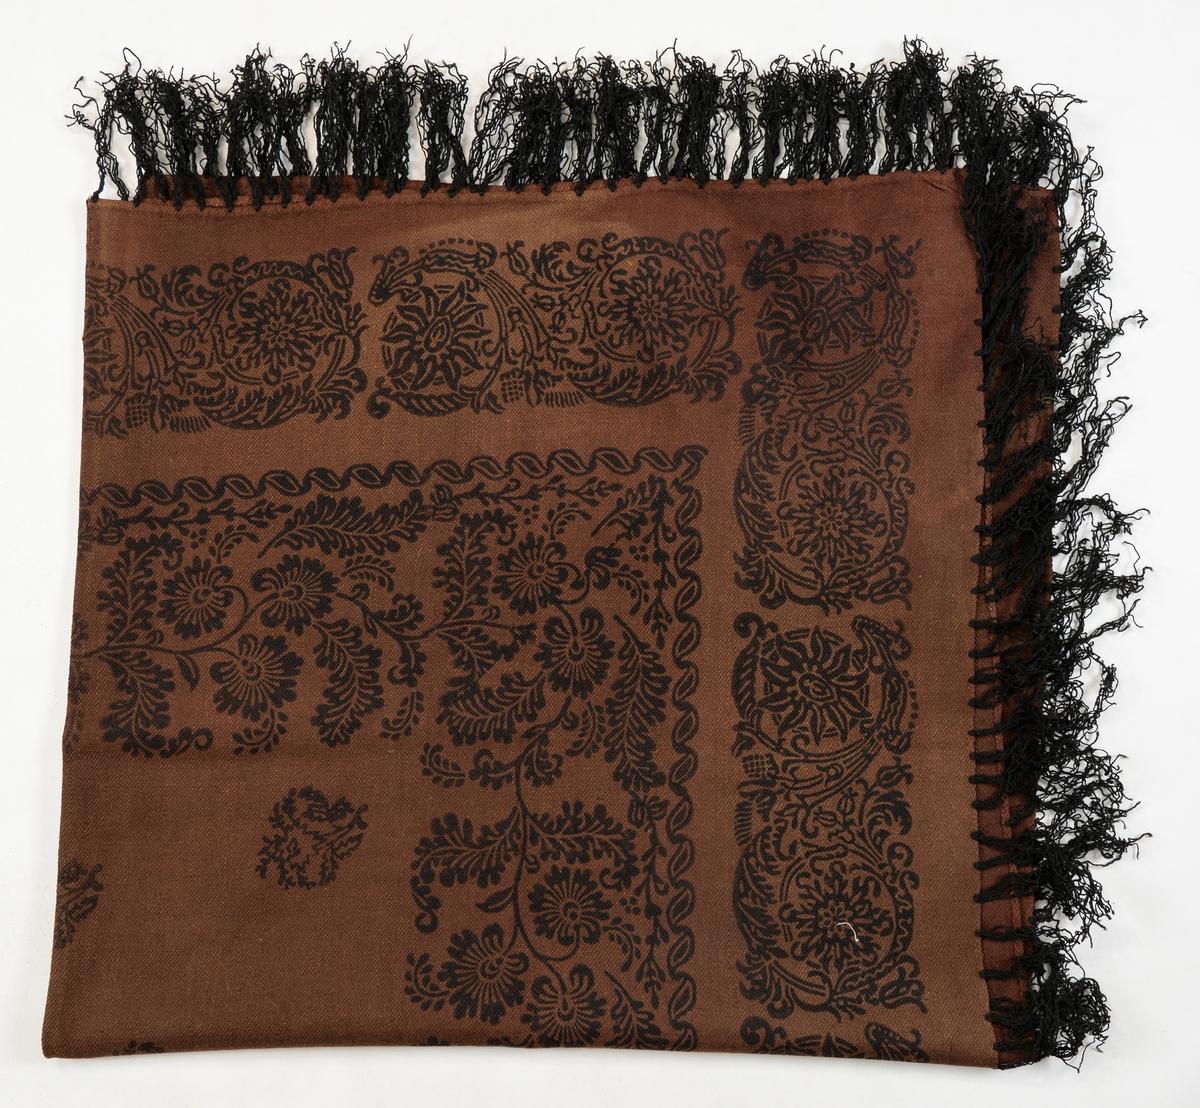 Sjal i brunt kypertvove ulltøy. Sett saman av to stykker med saum på midten. Påtrykt svart mønste med blomstermotiv. Falda rundt for hand. Svarte påsydde frynser av ullgarn. Eitt stort hol, og mange små.